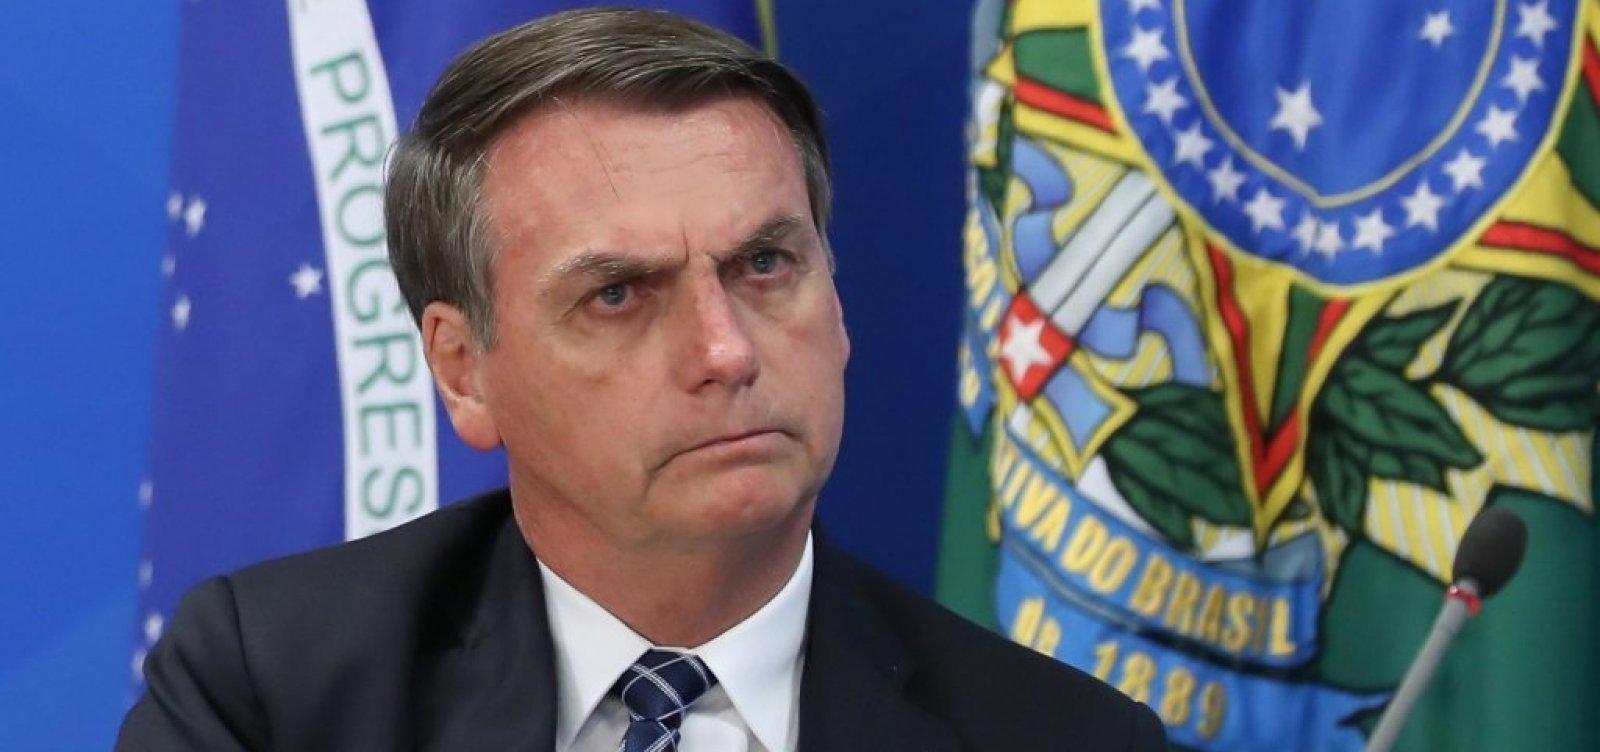 [Contrariando Anvisa e ciência, Bolsonaro diz que vacina 'não está comprovada cientificamente']